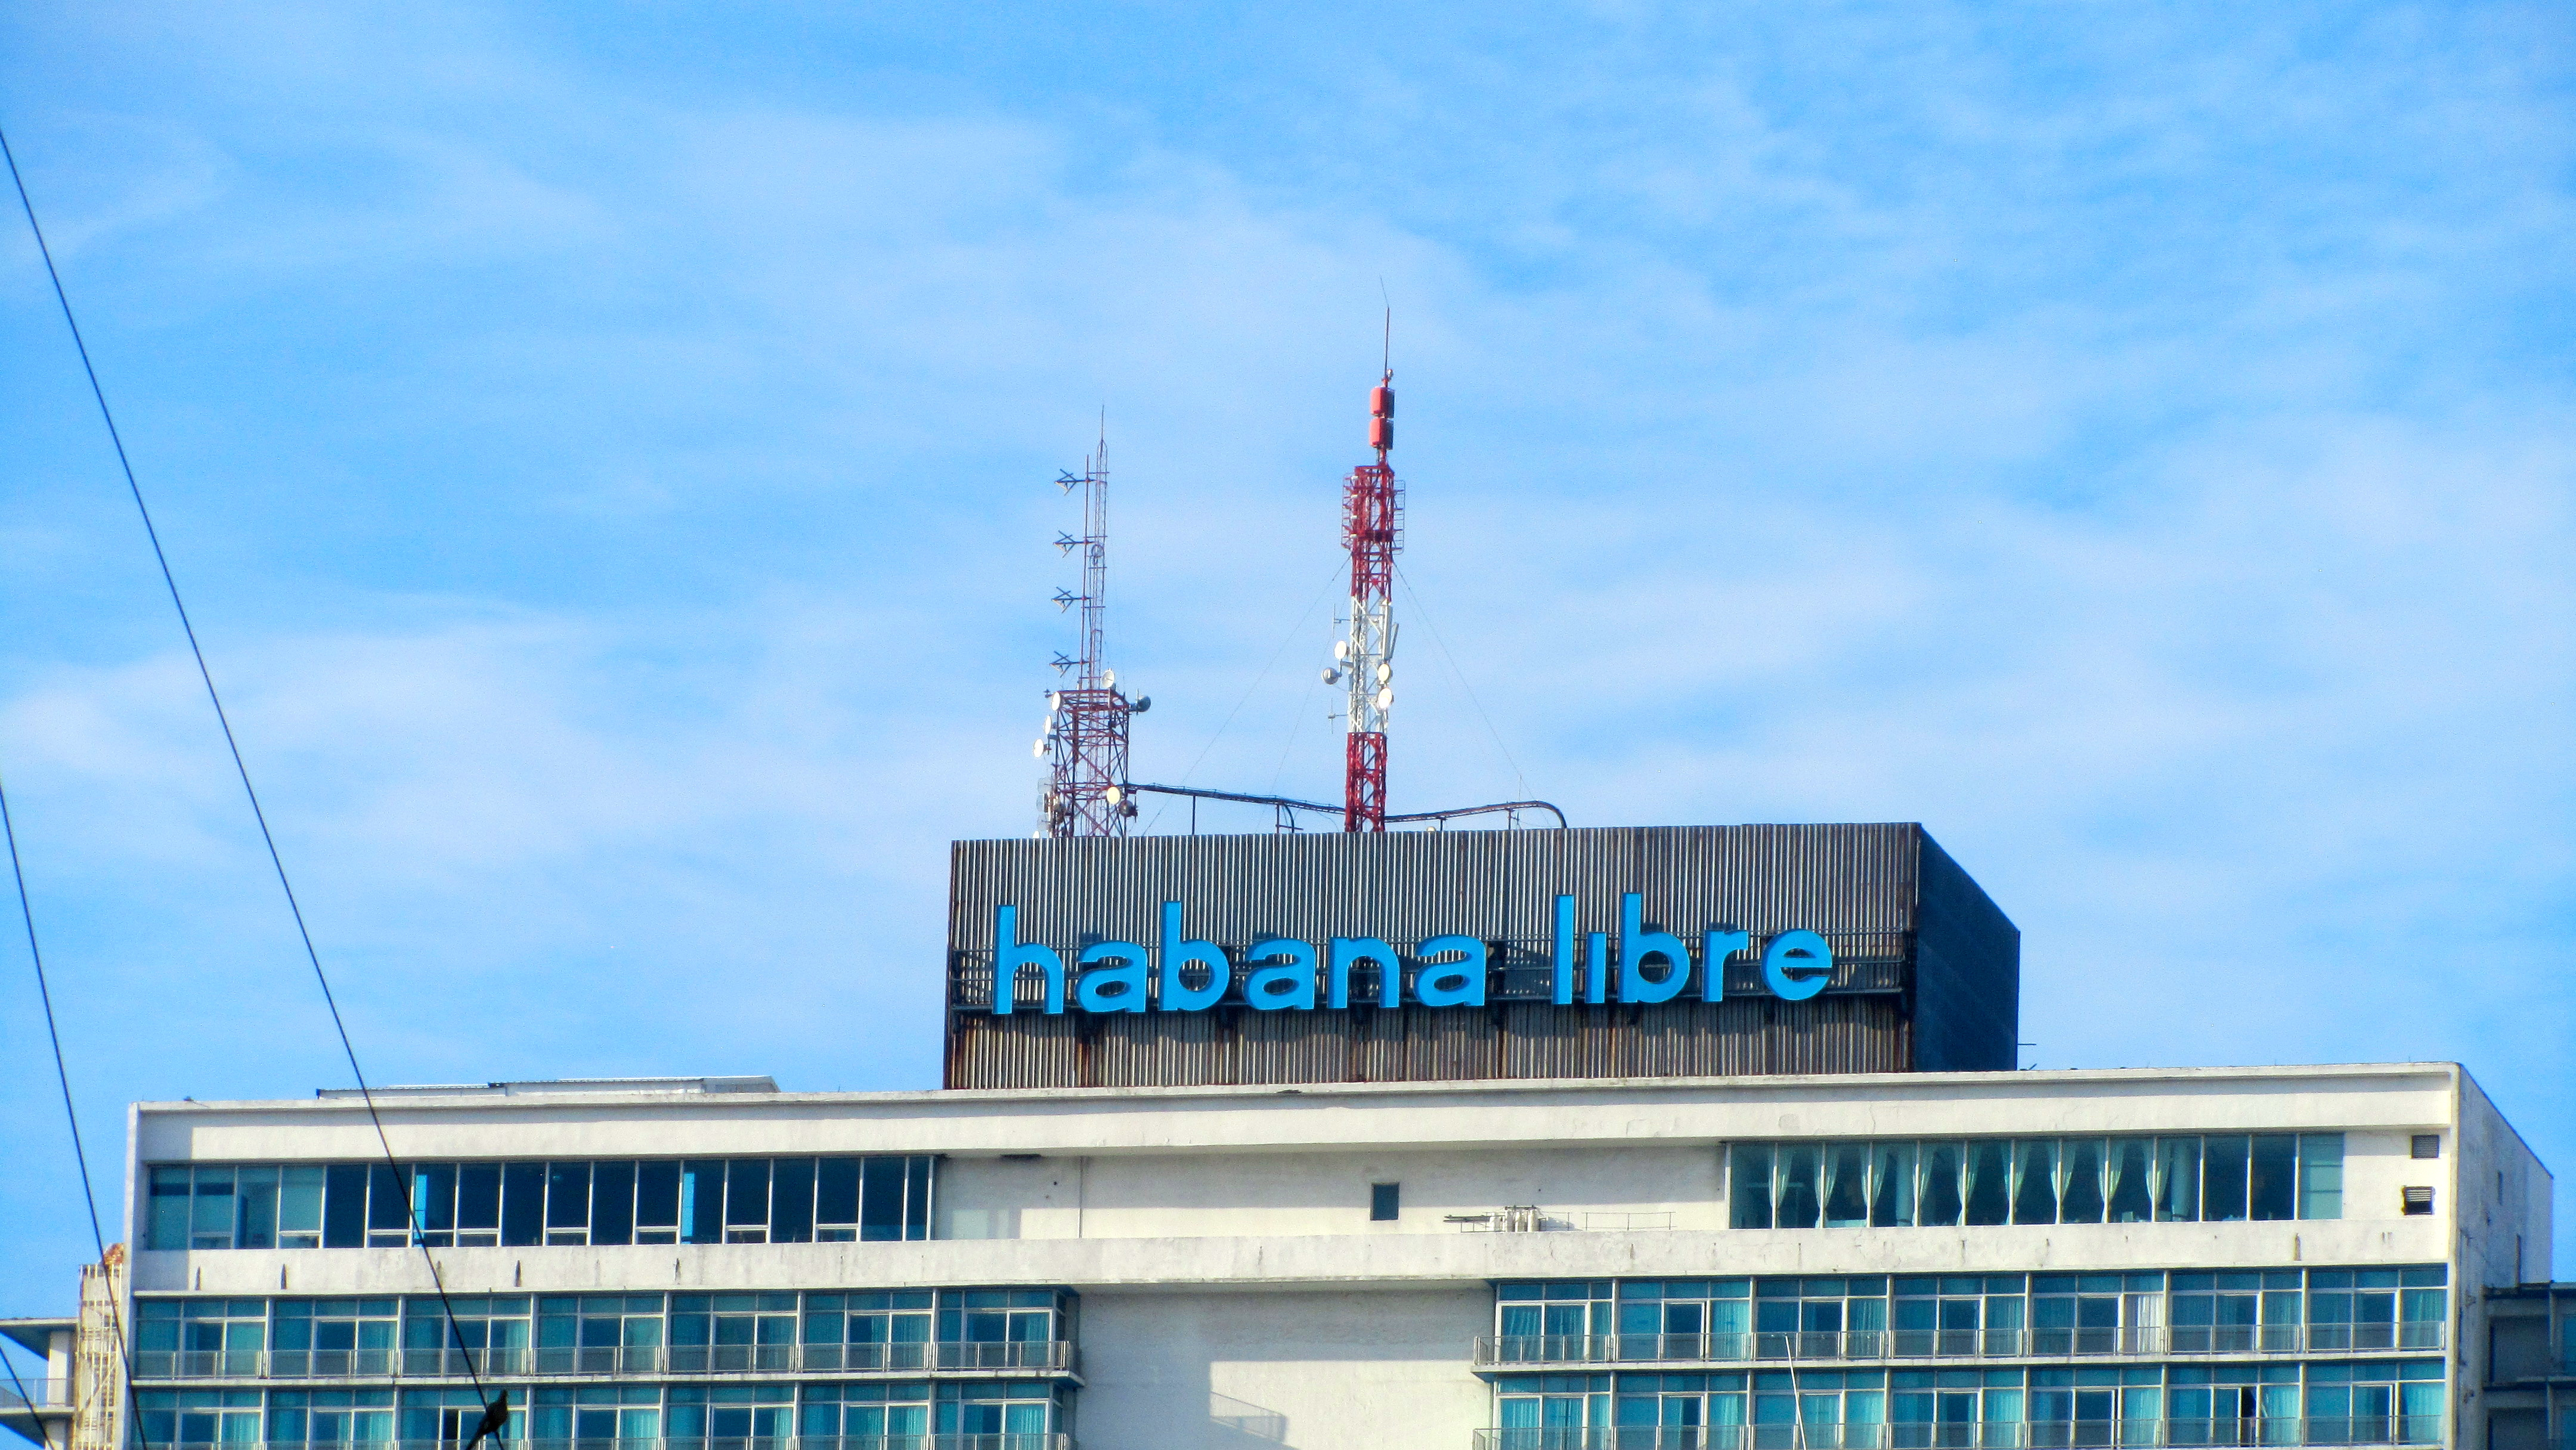 Hotel Havana Libre – Colorado Traveling Ducks